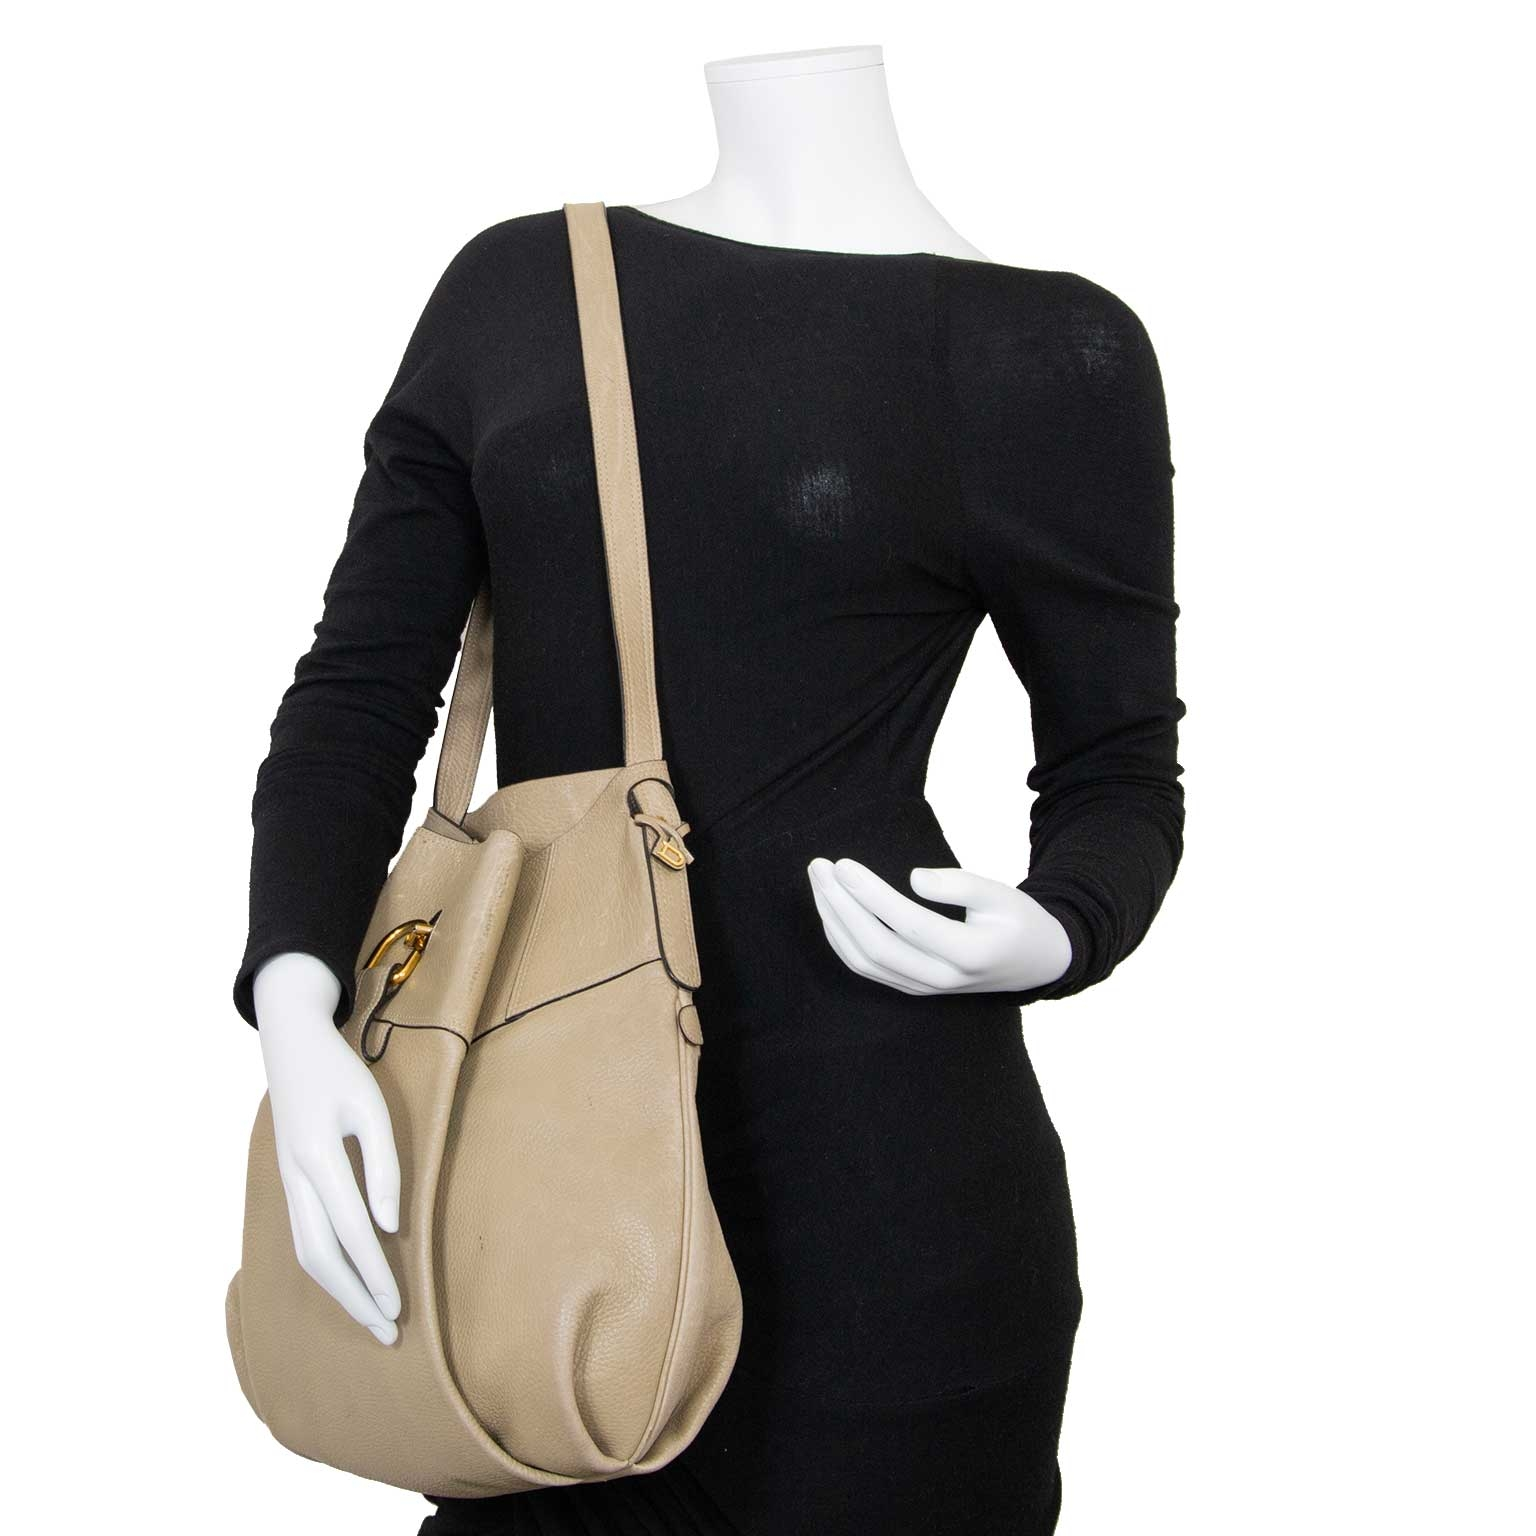 delvaux beige faust bag now for sale at labellov vintage fashion webshop belgium